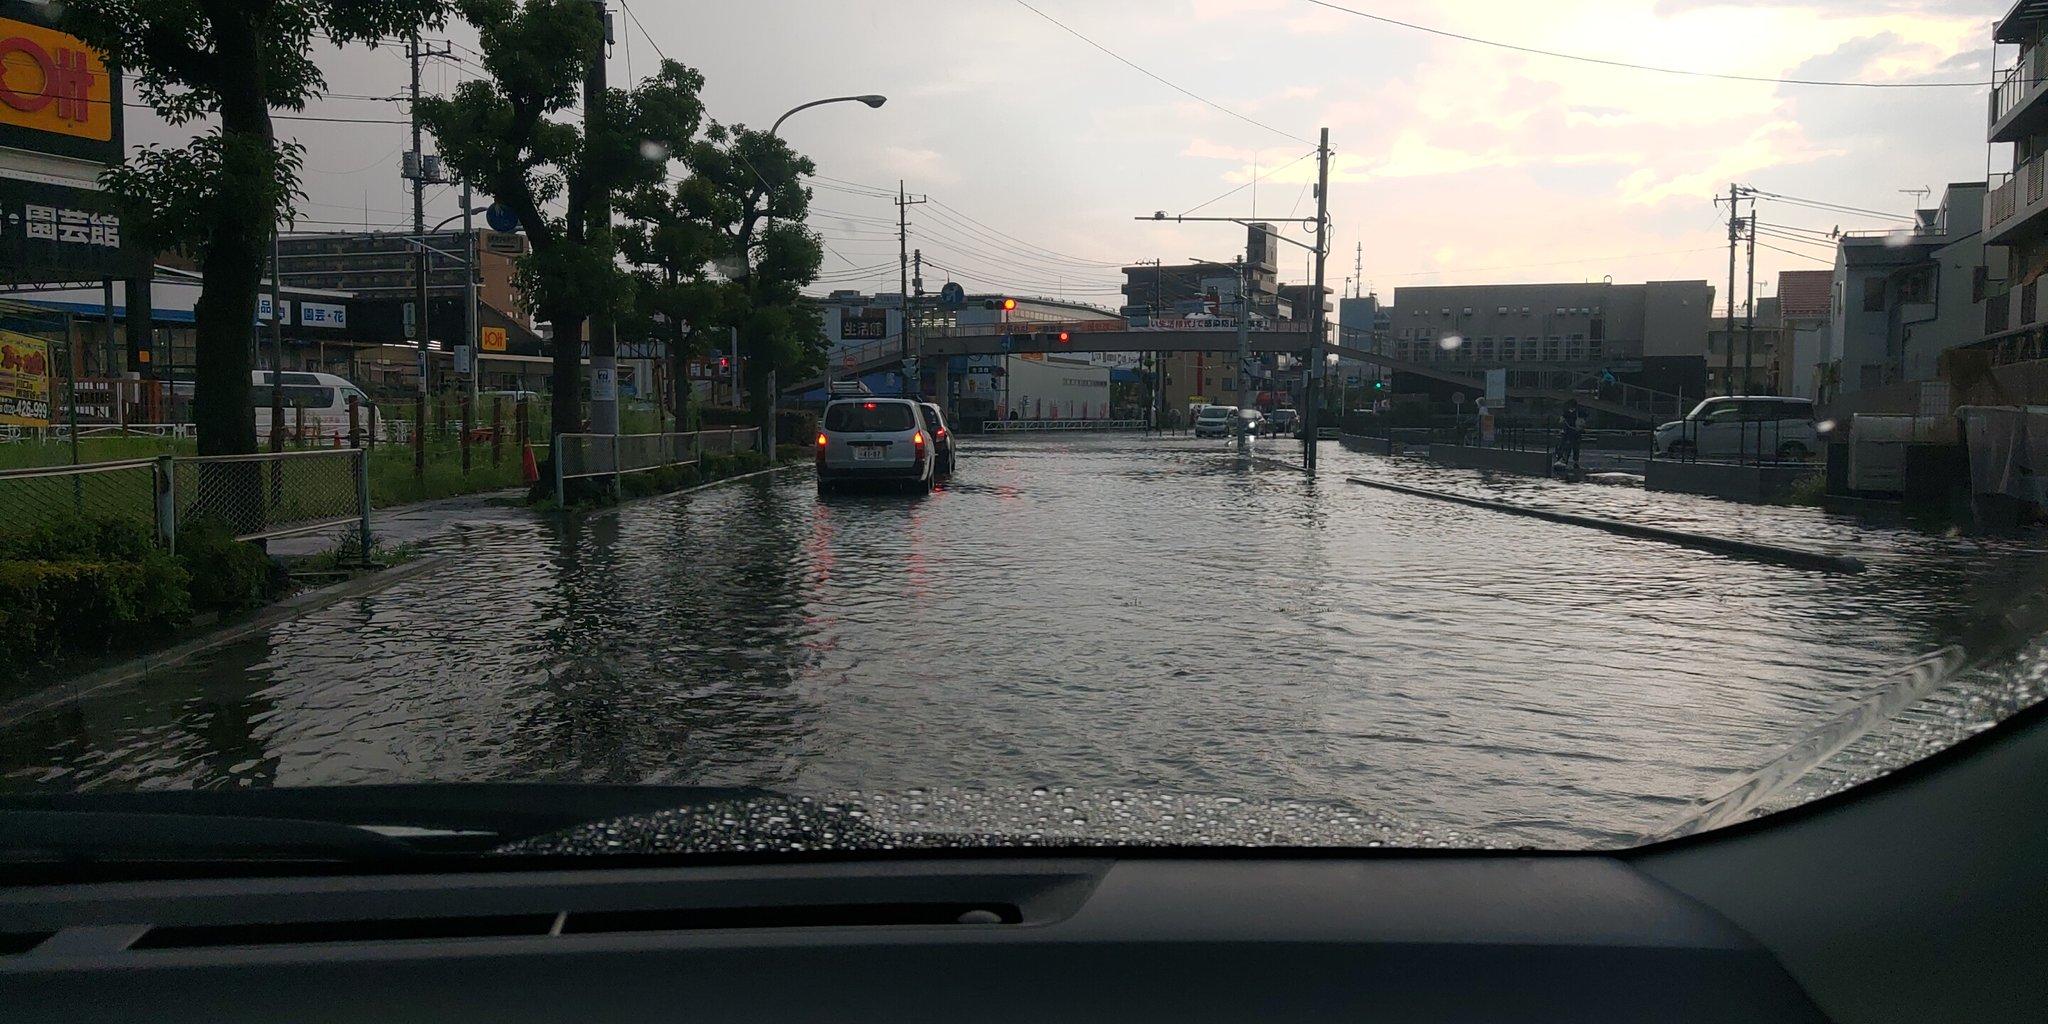 戸田市の道路が冠水している画像